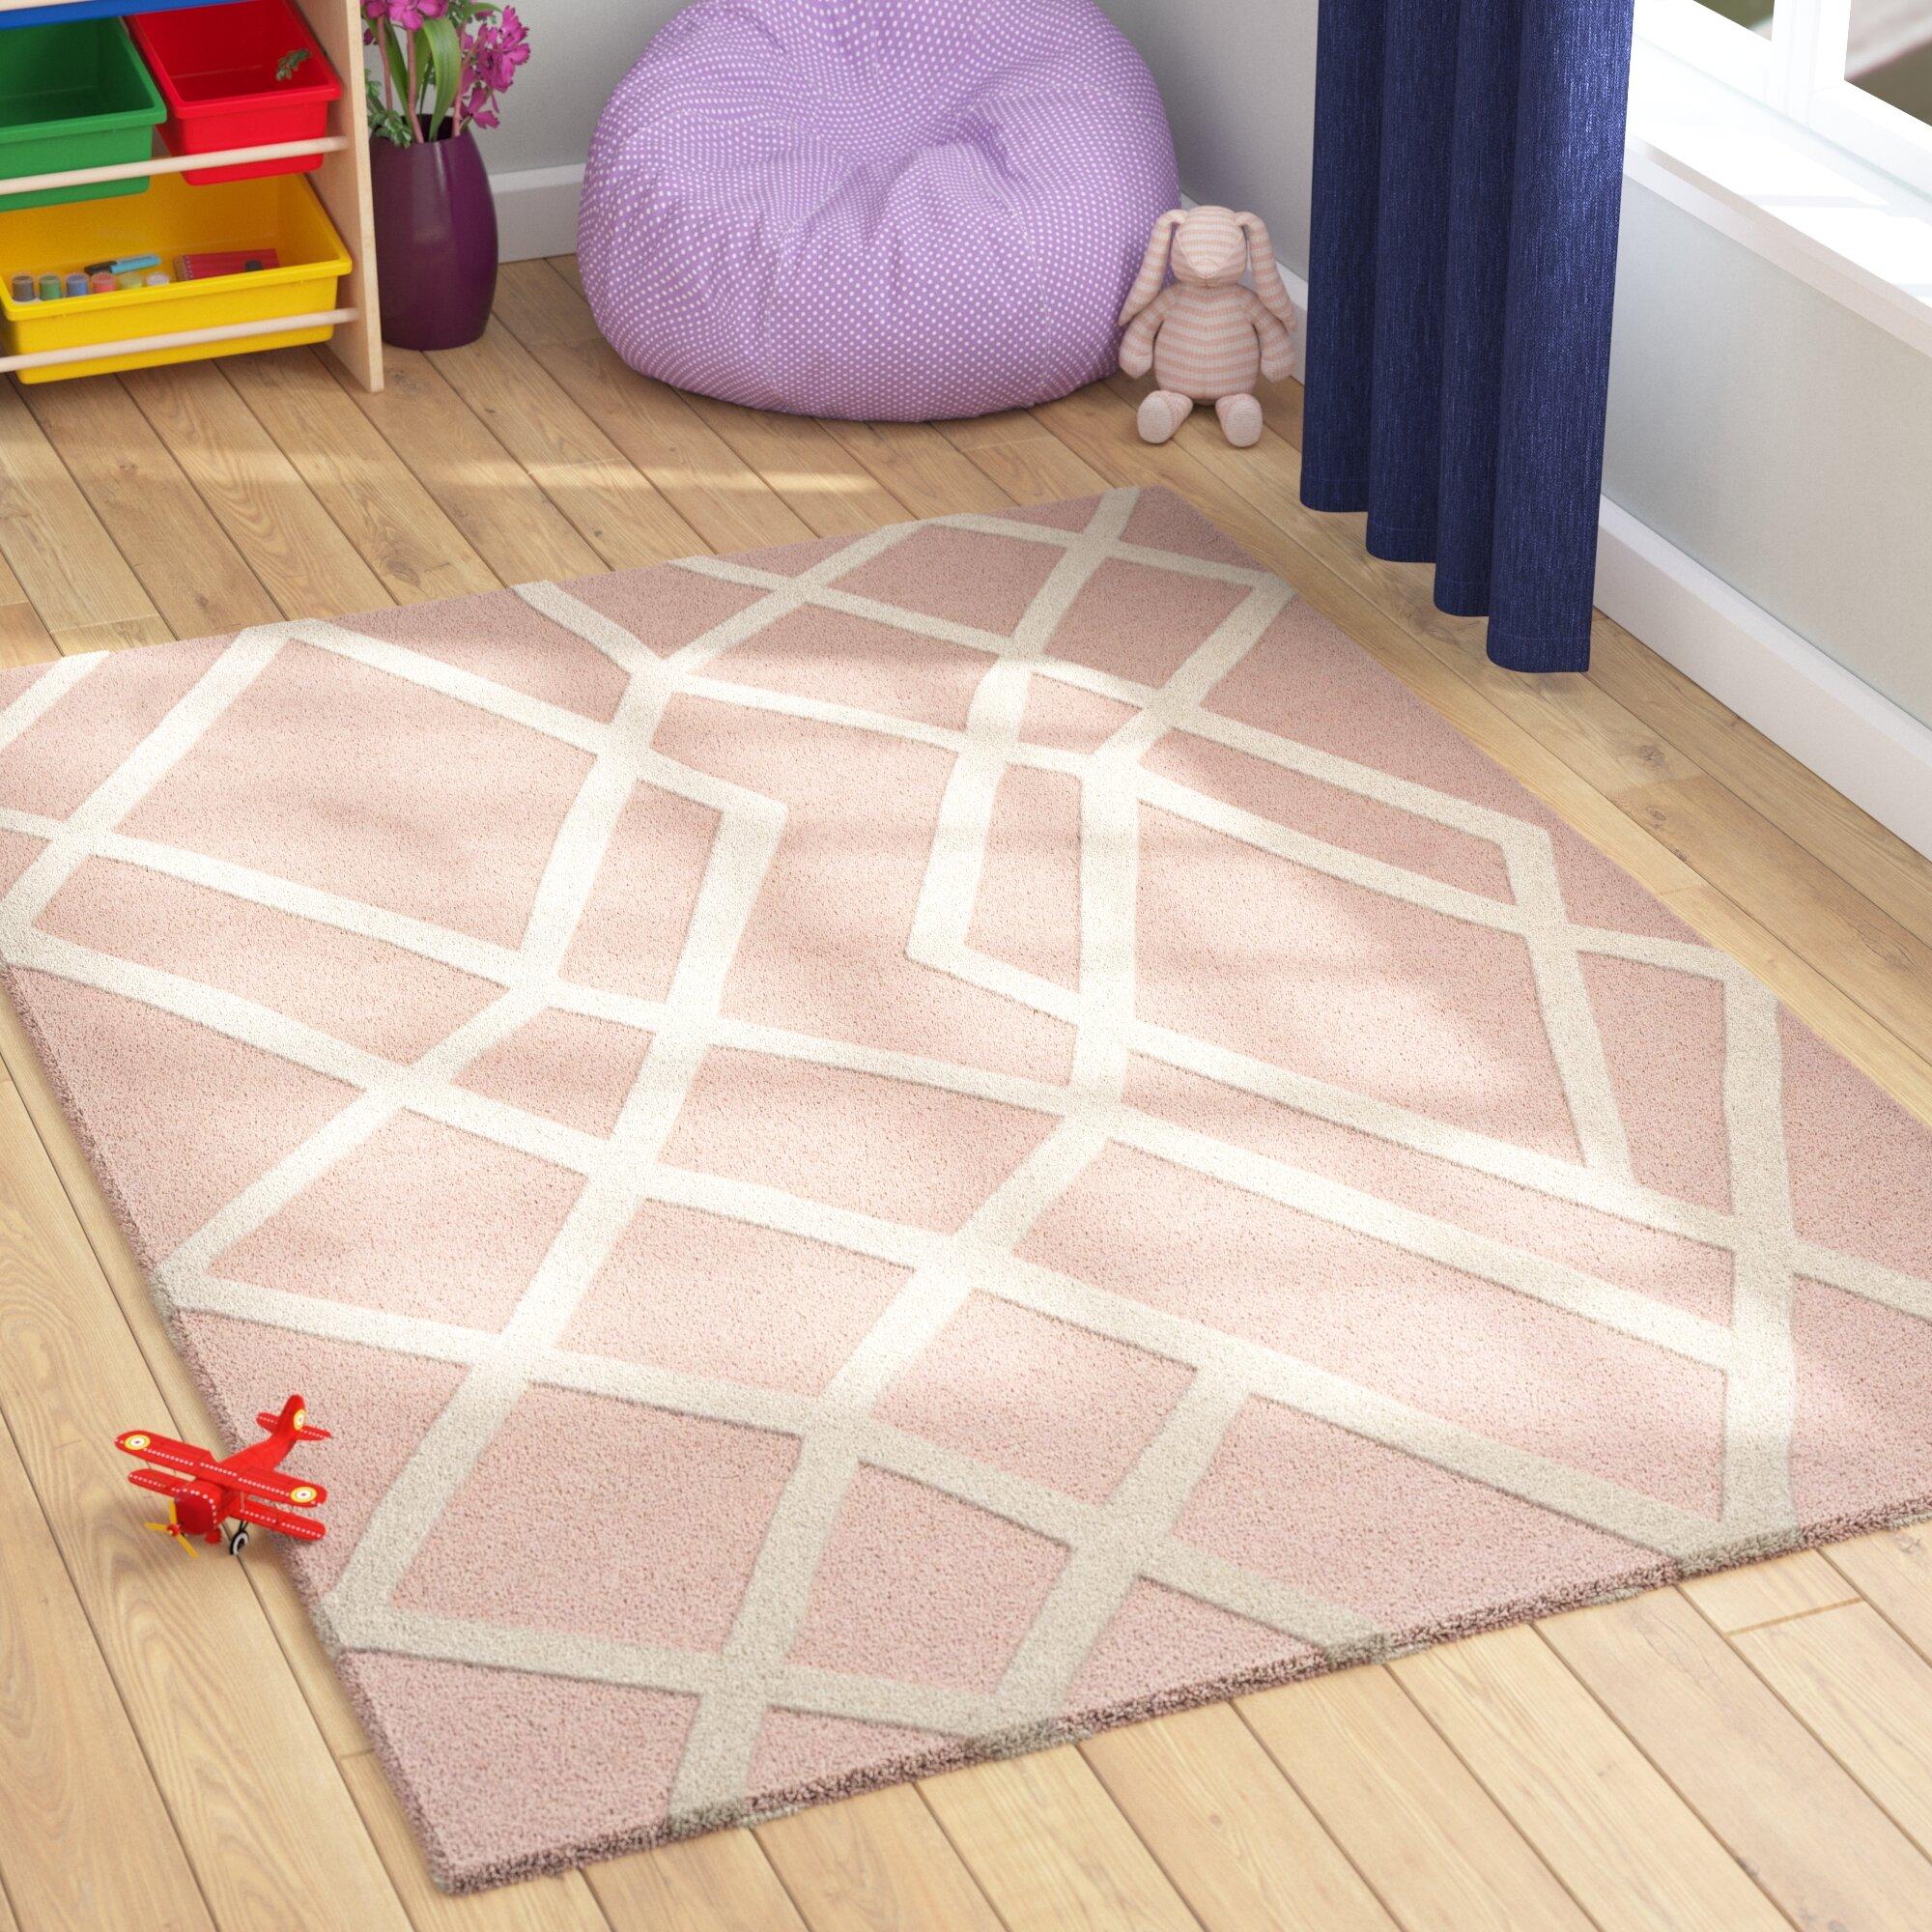 Harriet Bee Reid Geometric Handmade Tufted Wool Pink Area Rug Reviews Wayfair